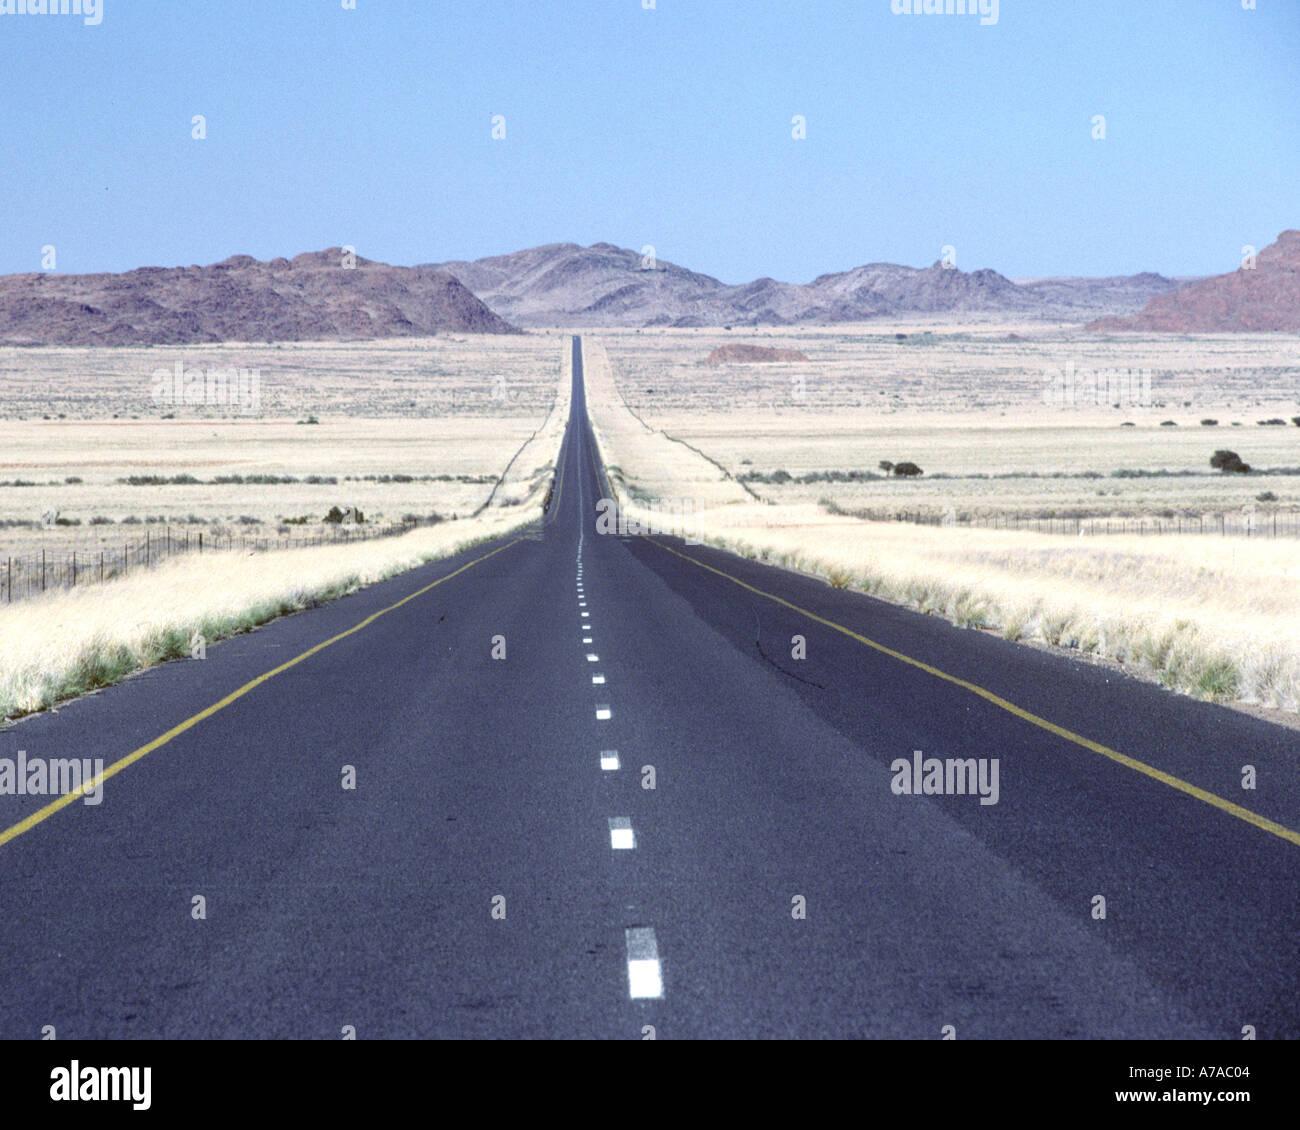 La carretera N14 en el sur de África del norte de la provincia del Cabo. Foto de stock